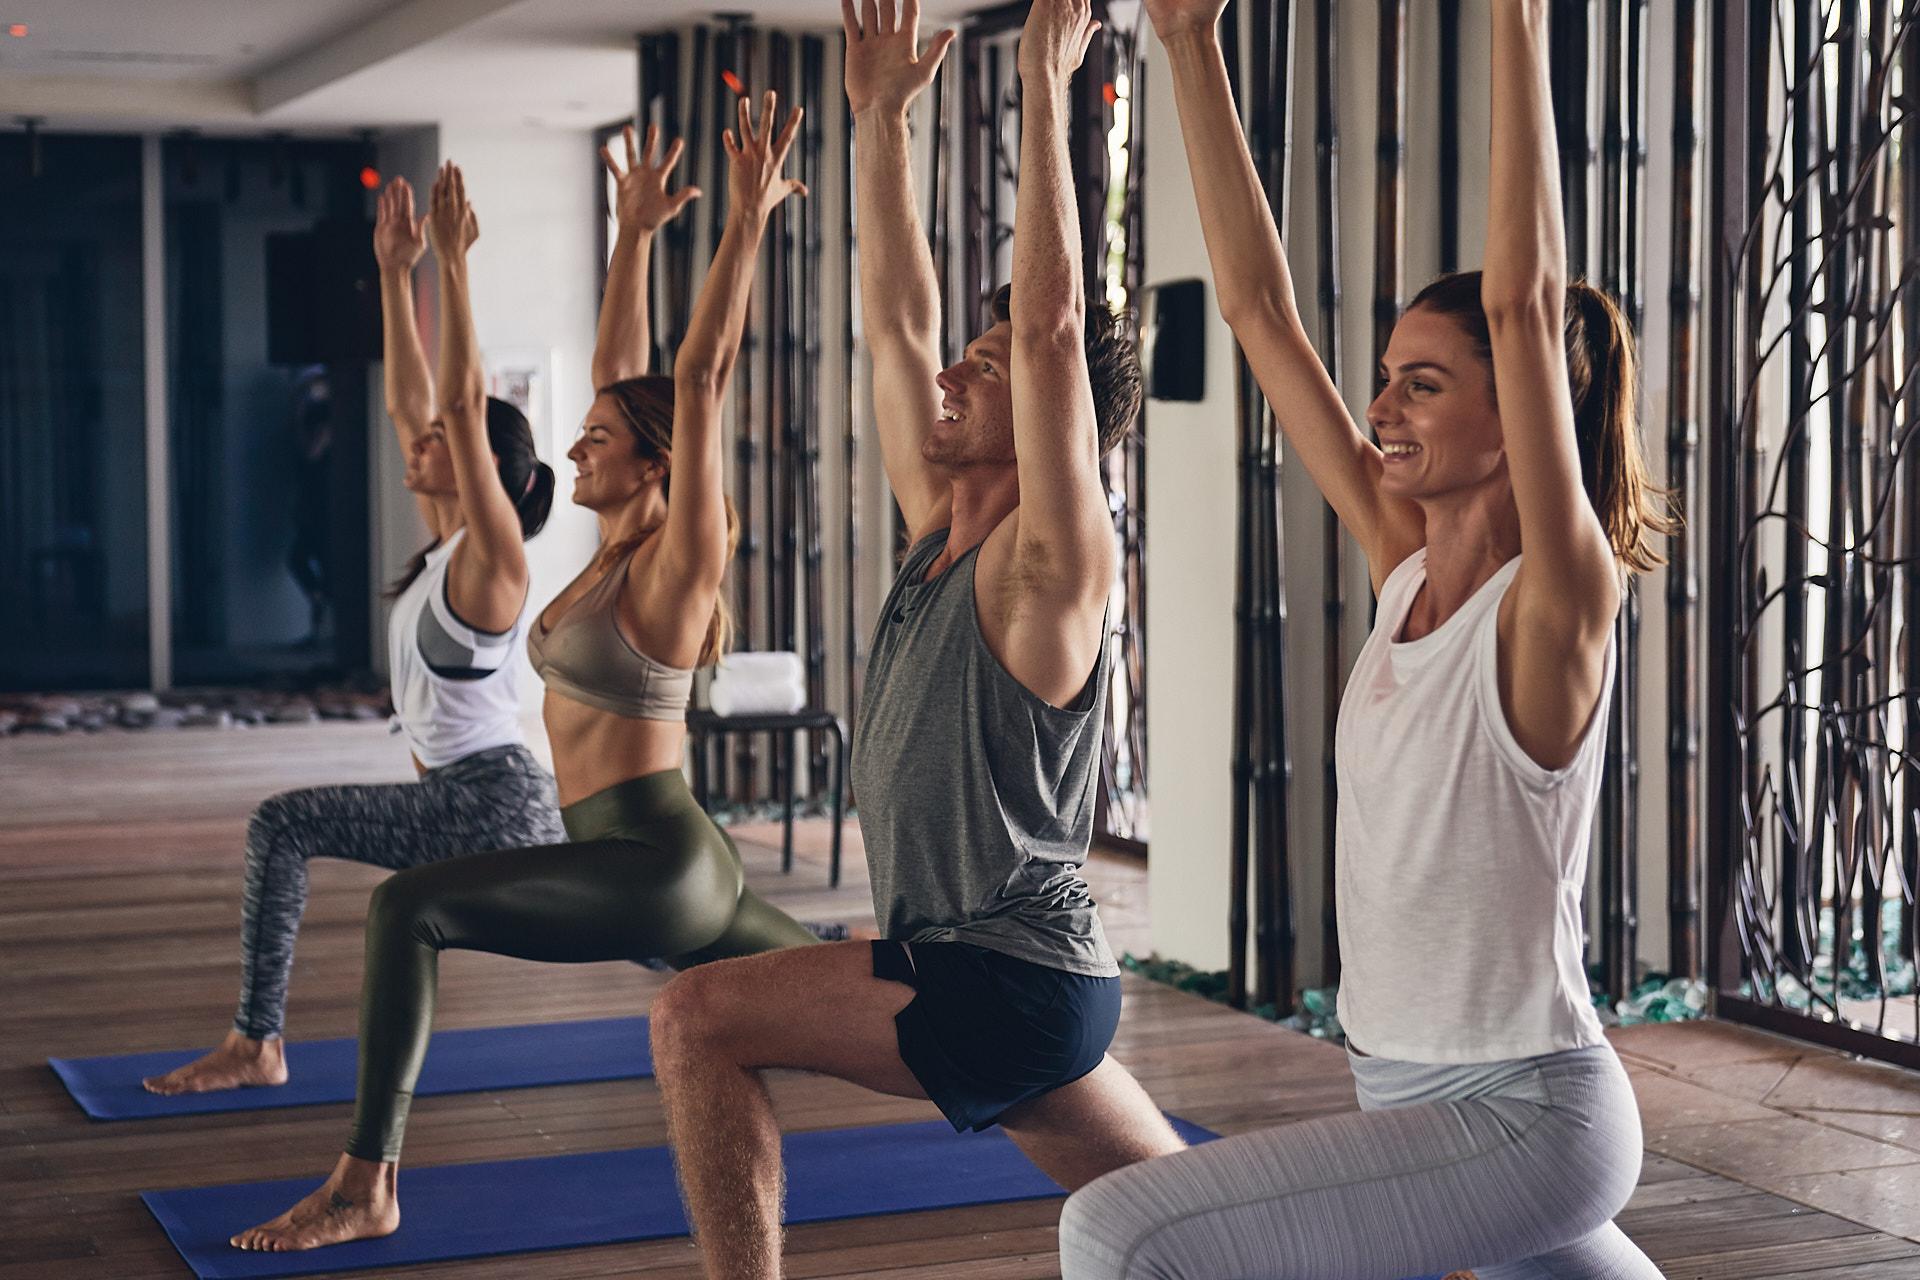 carillon-lifestyle-yoga-vib-toned-0704-1-.jpg